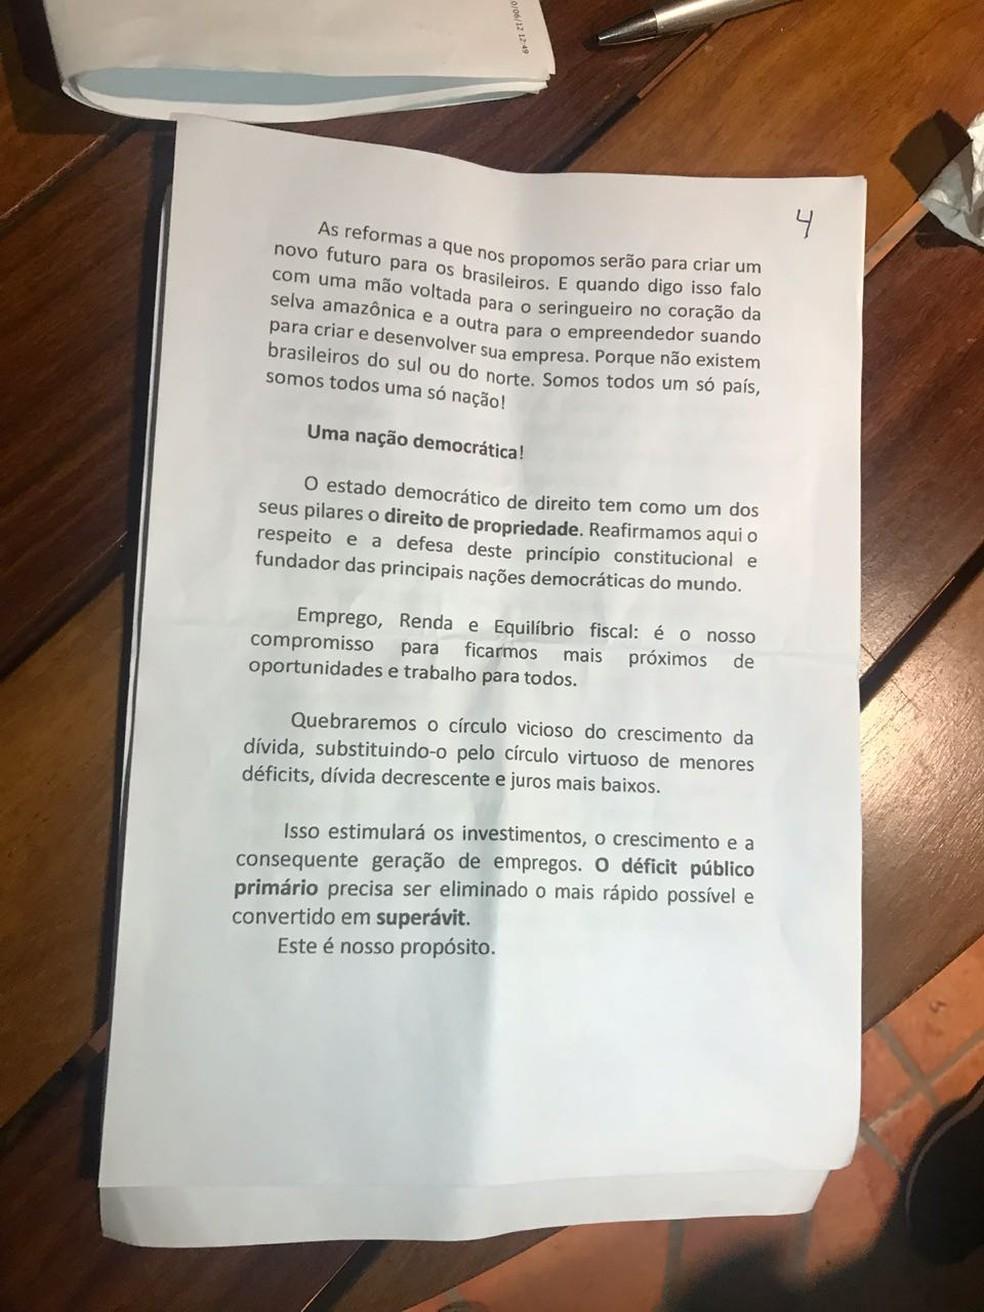 Discurso de Bolsonaro - página 4 — Foto: Reprodução